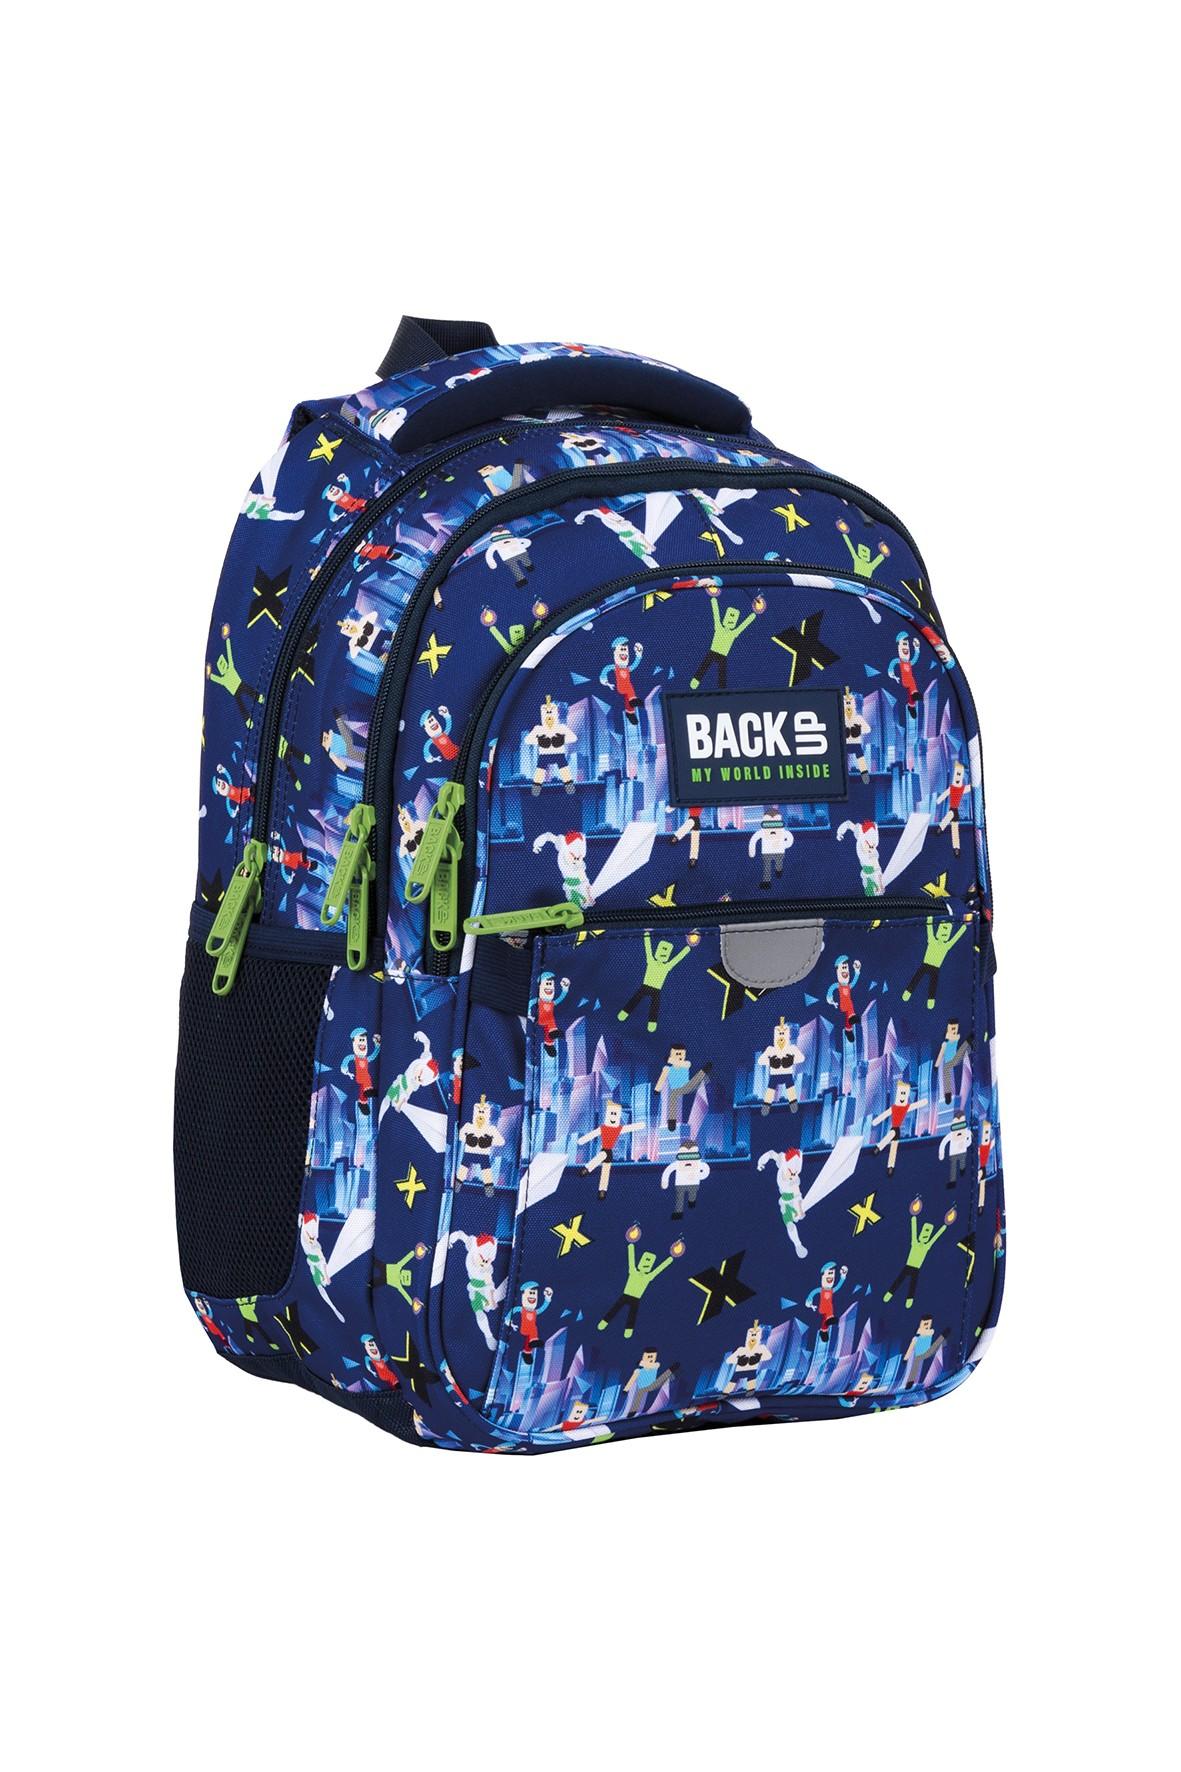 Plecak BackUp z kolorowym nadrukiem